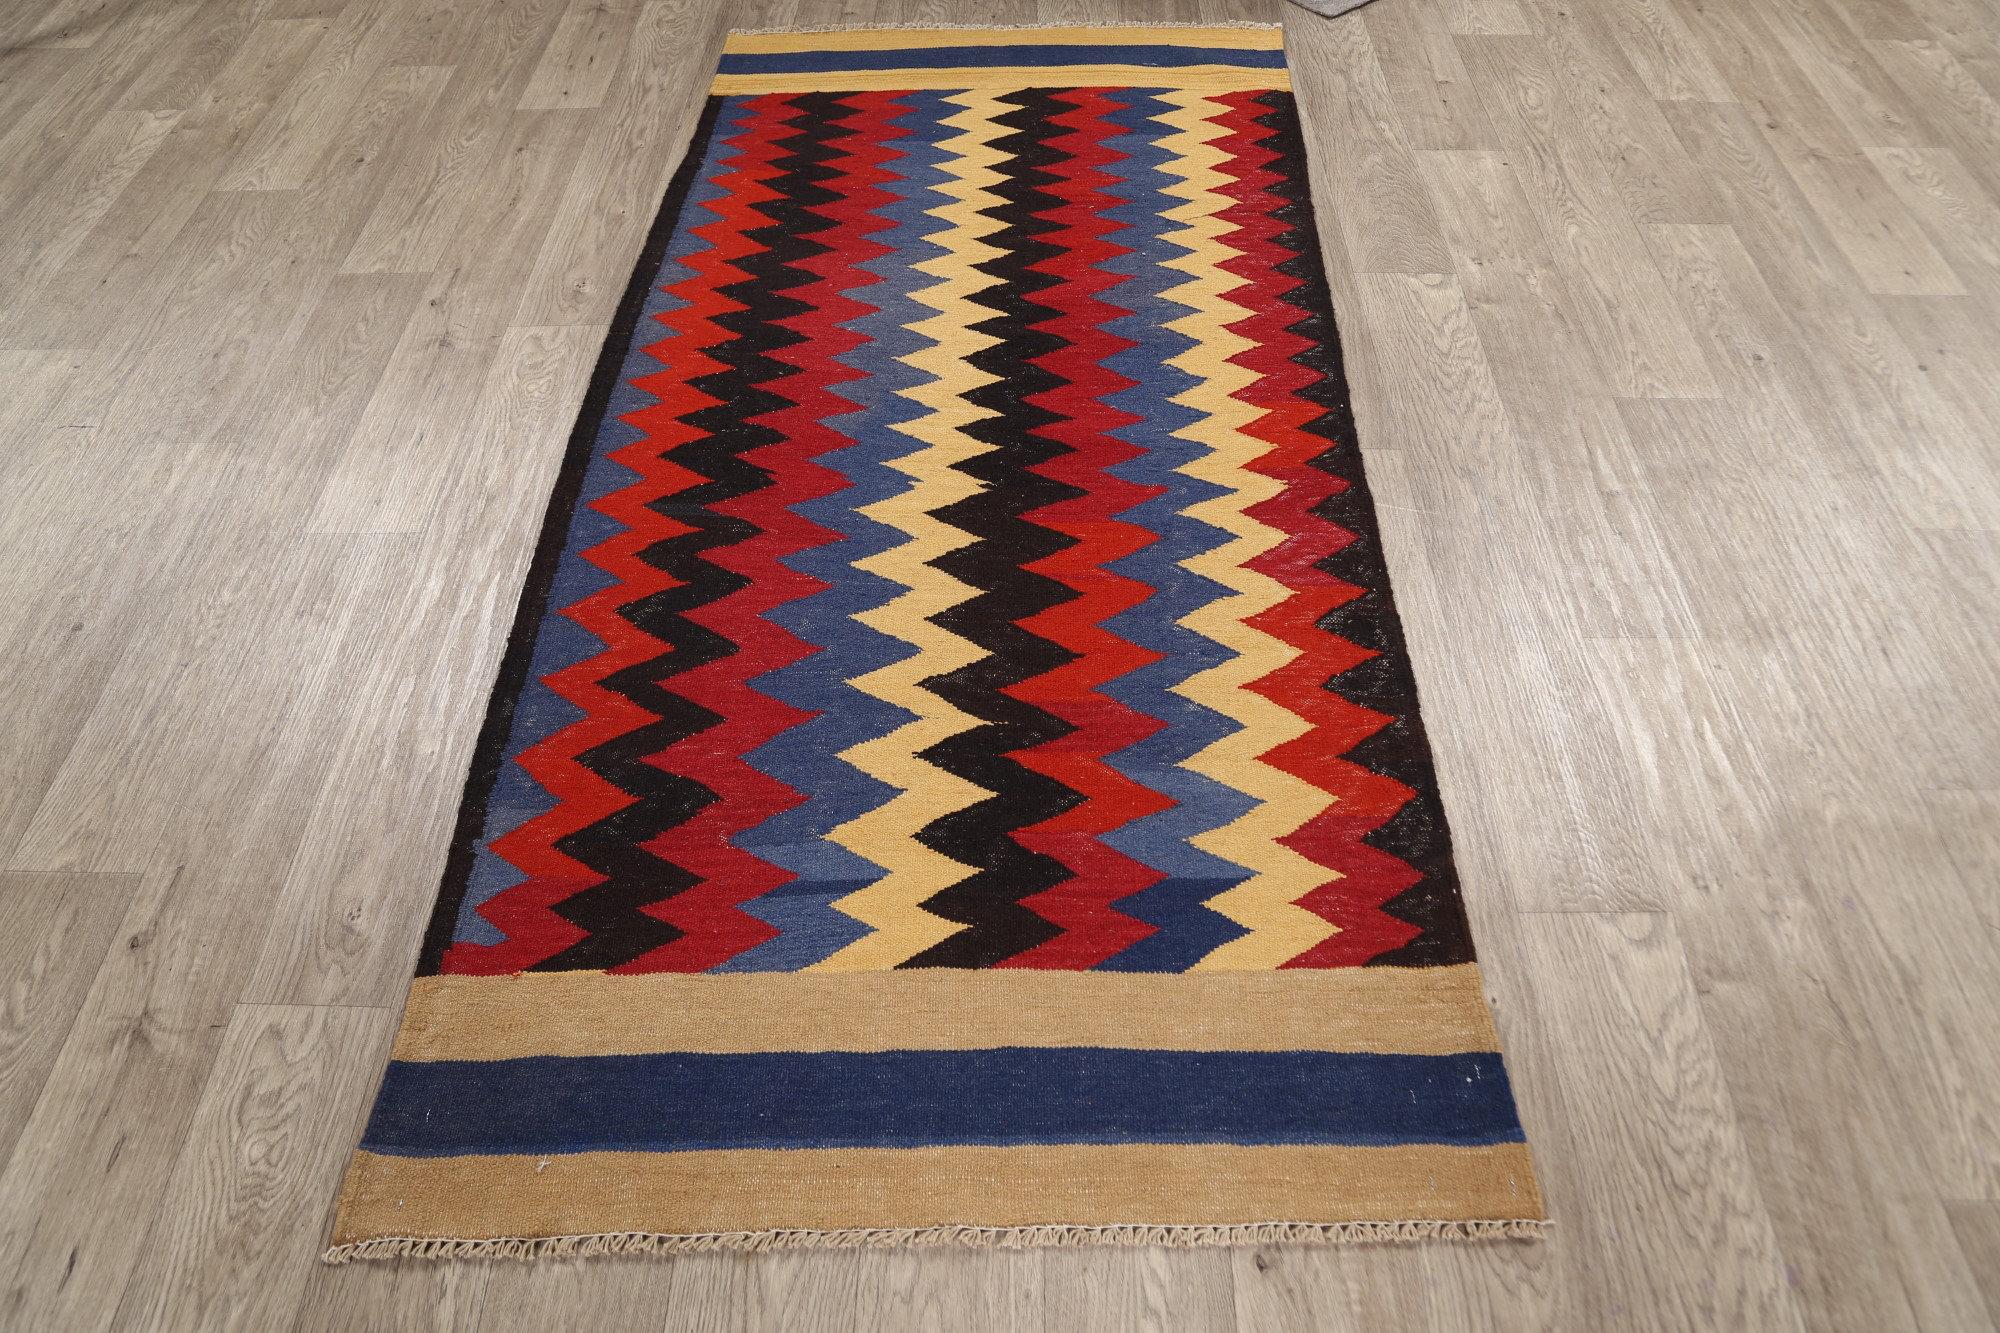 Rugsource Runner Chevron Handmade Kilim Wool Red Black Yellow Area Rug Wayfair